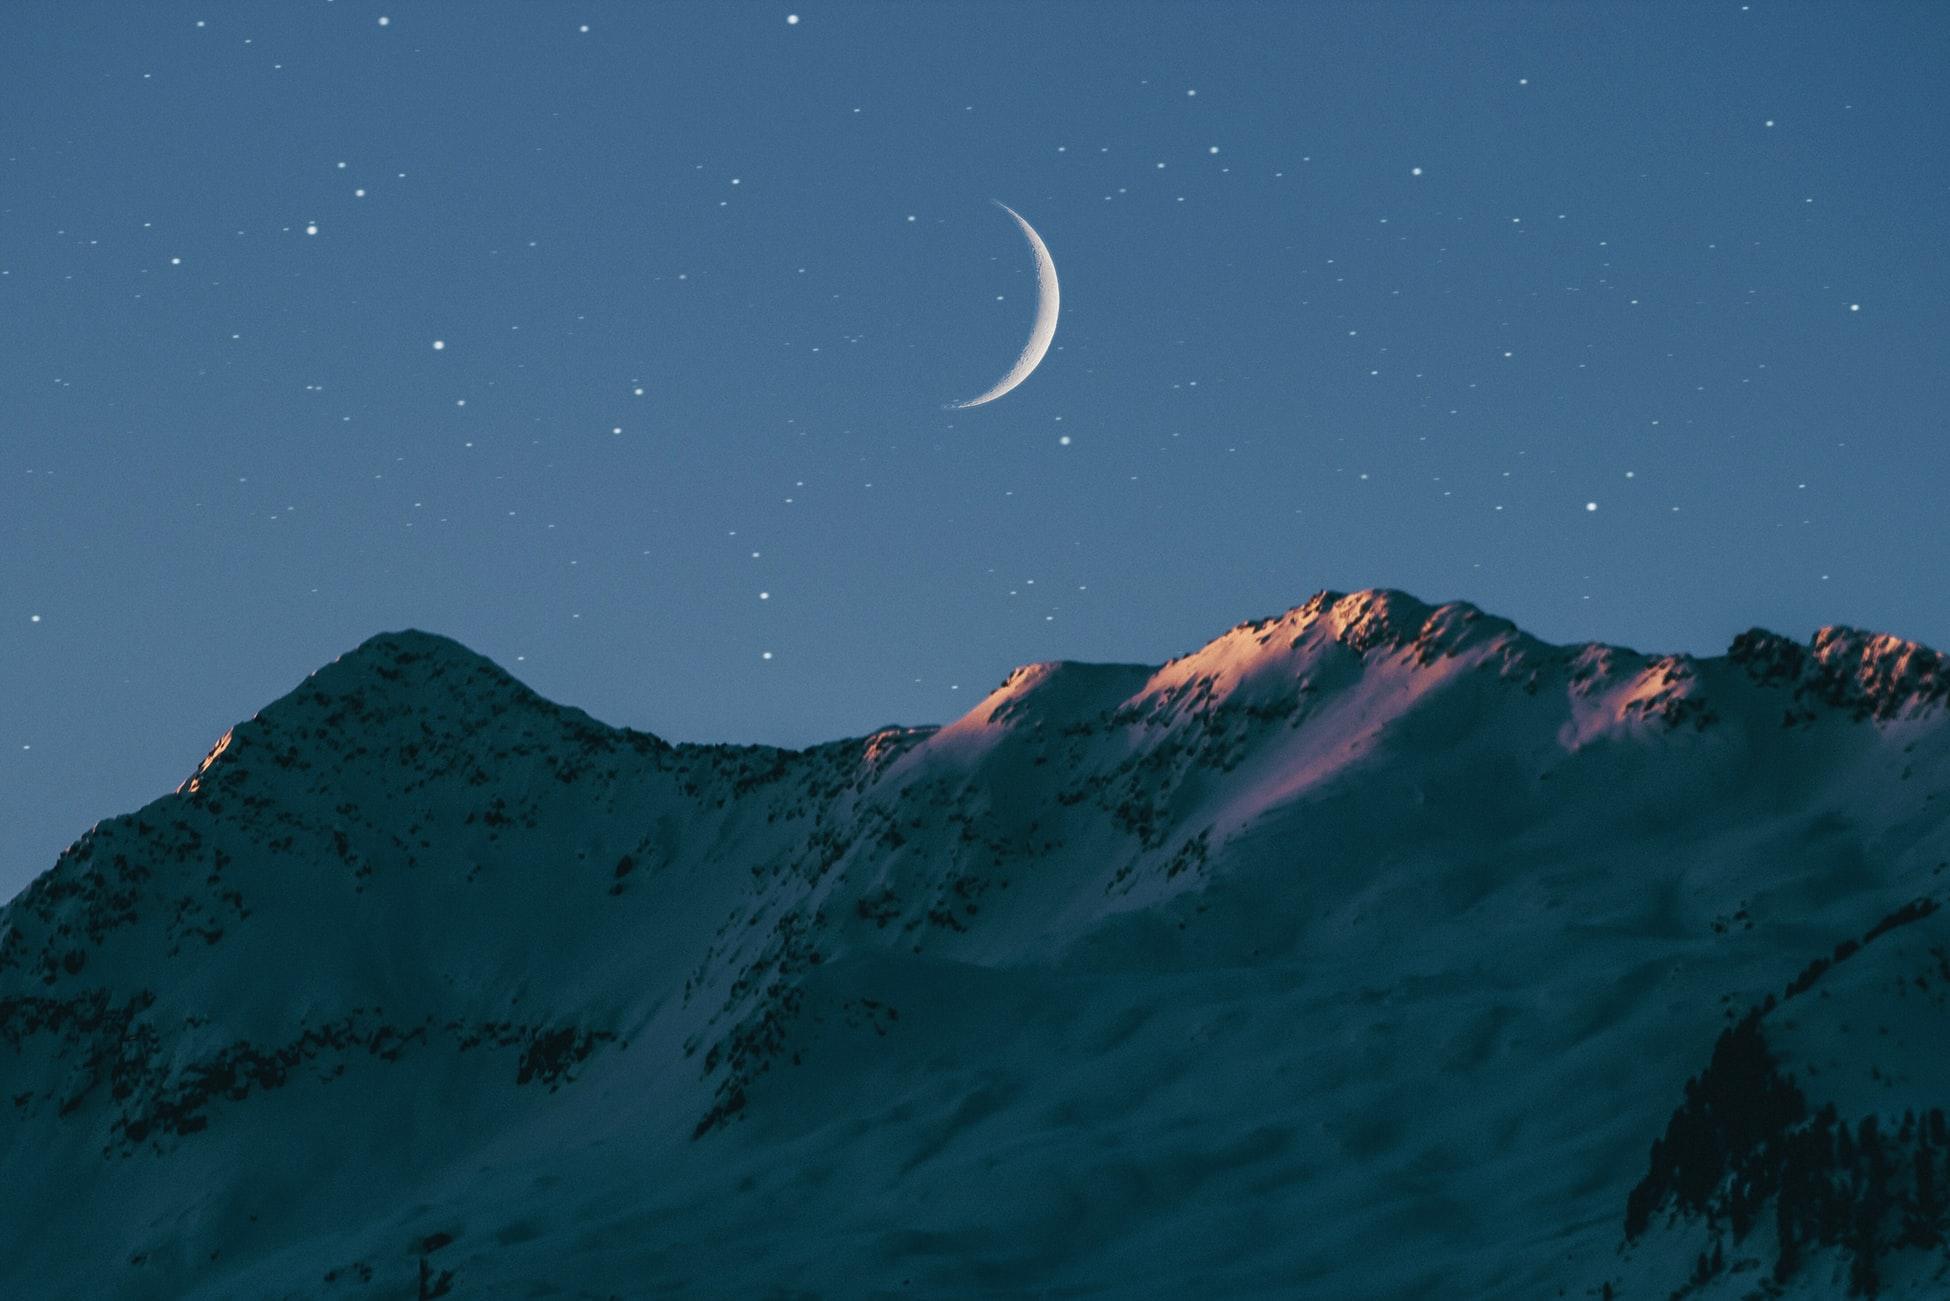 雪山の上に輝く三日月